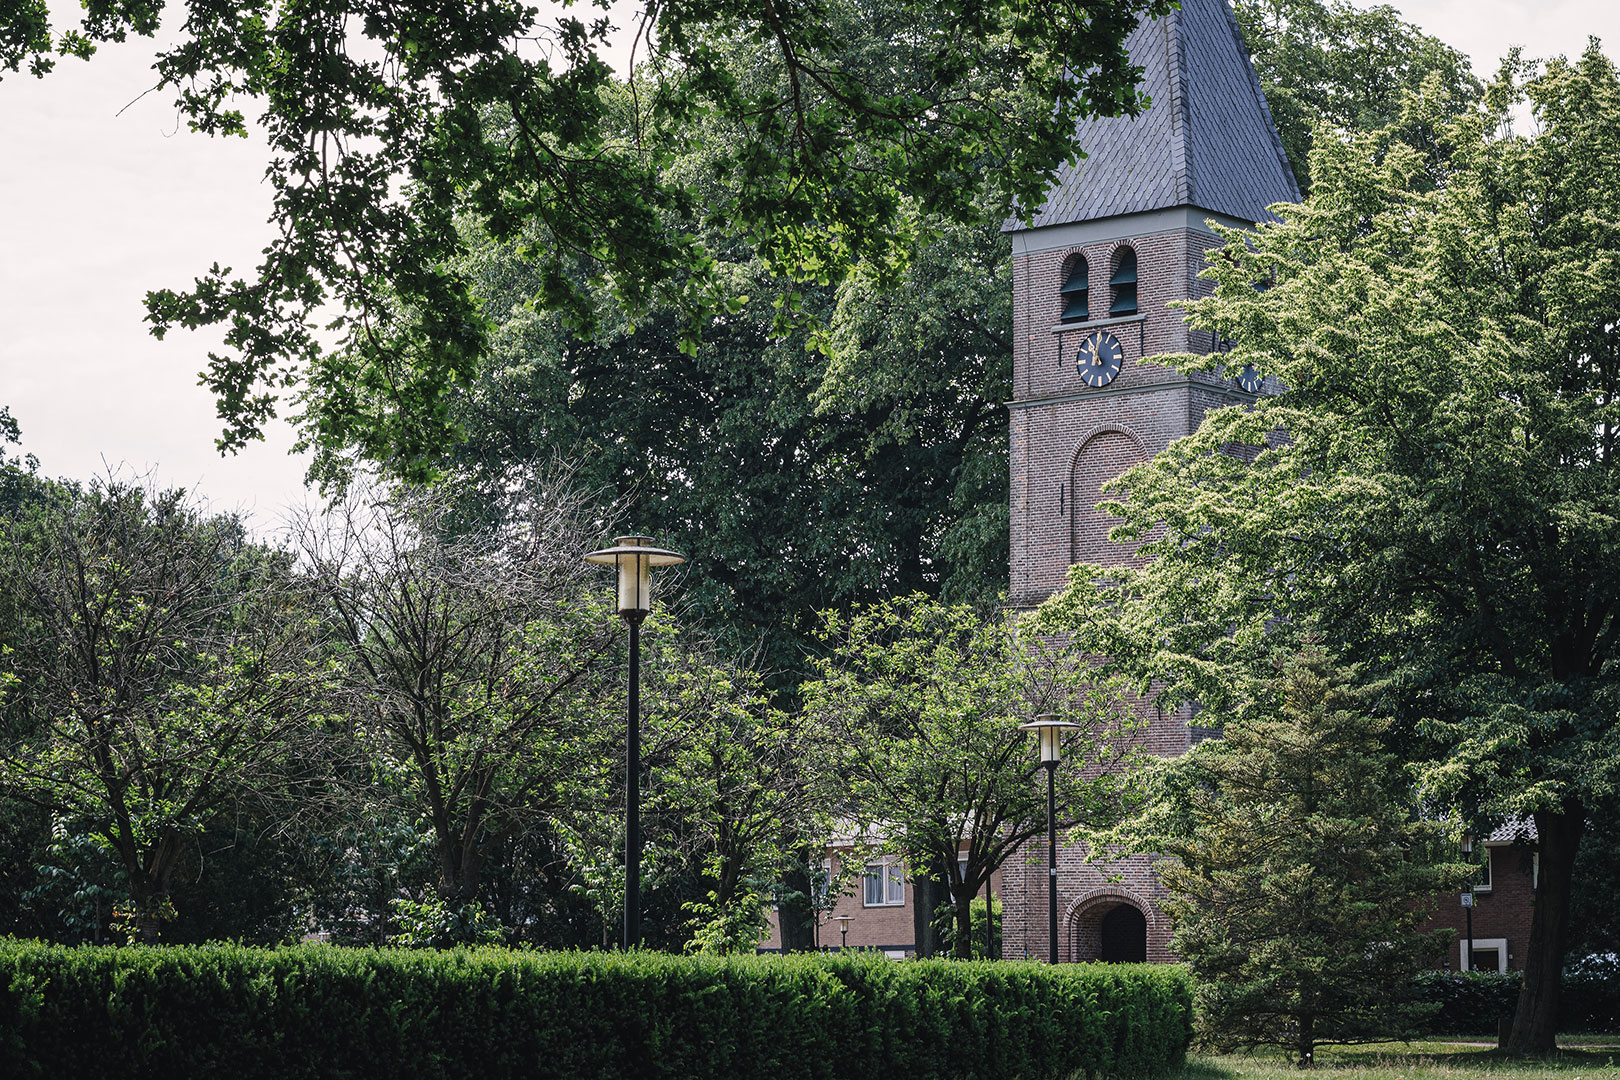 Kirchturm in Nieuw-Schoonebeek